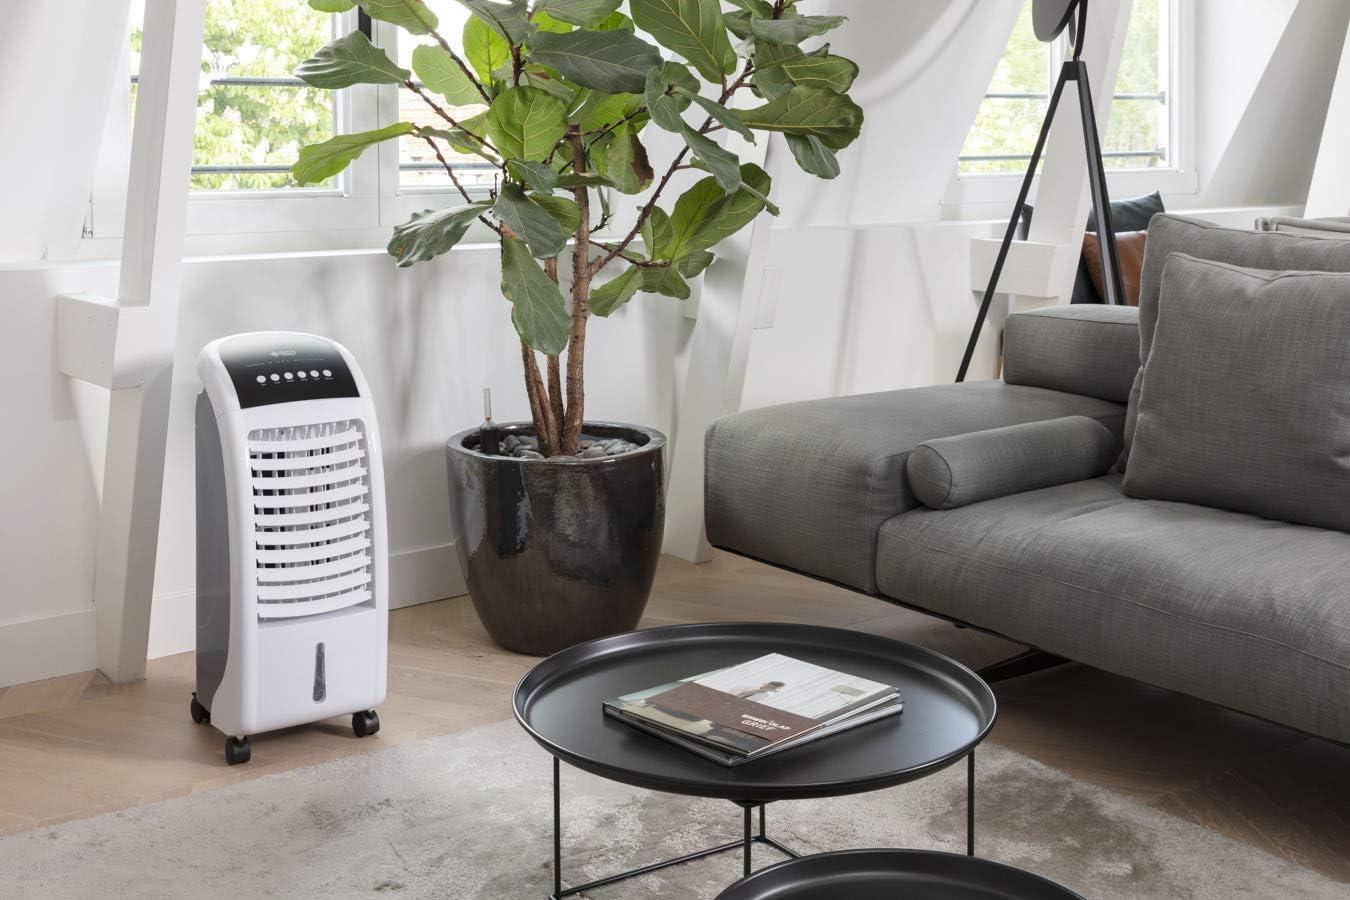 DUTCH ORIGINALS Climatiseur mobile ventilateur 65 W Refroidisseur dair /économe 5,5 L 3 vitesses Mode oscillation Rafra/îchisseur dair avec t/él/écommande